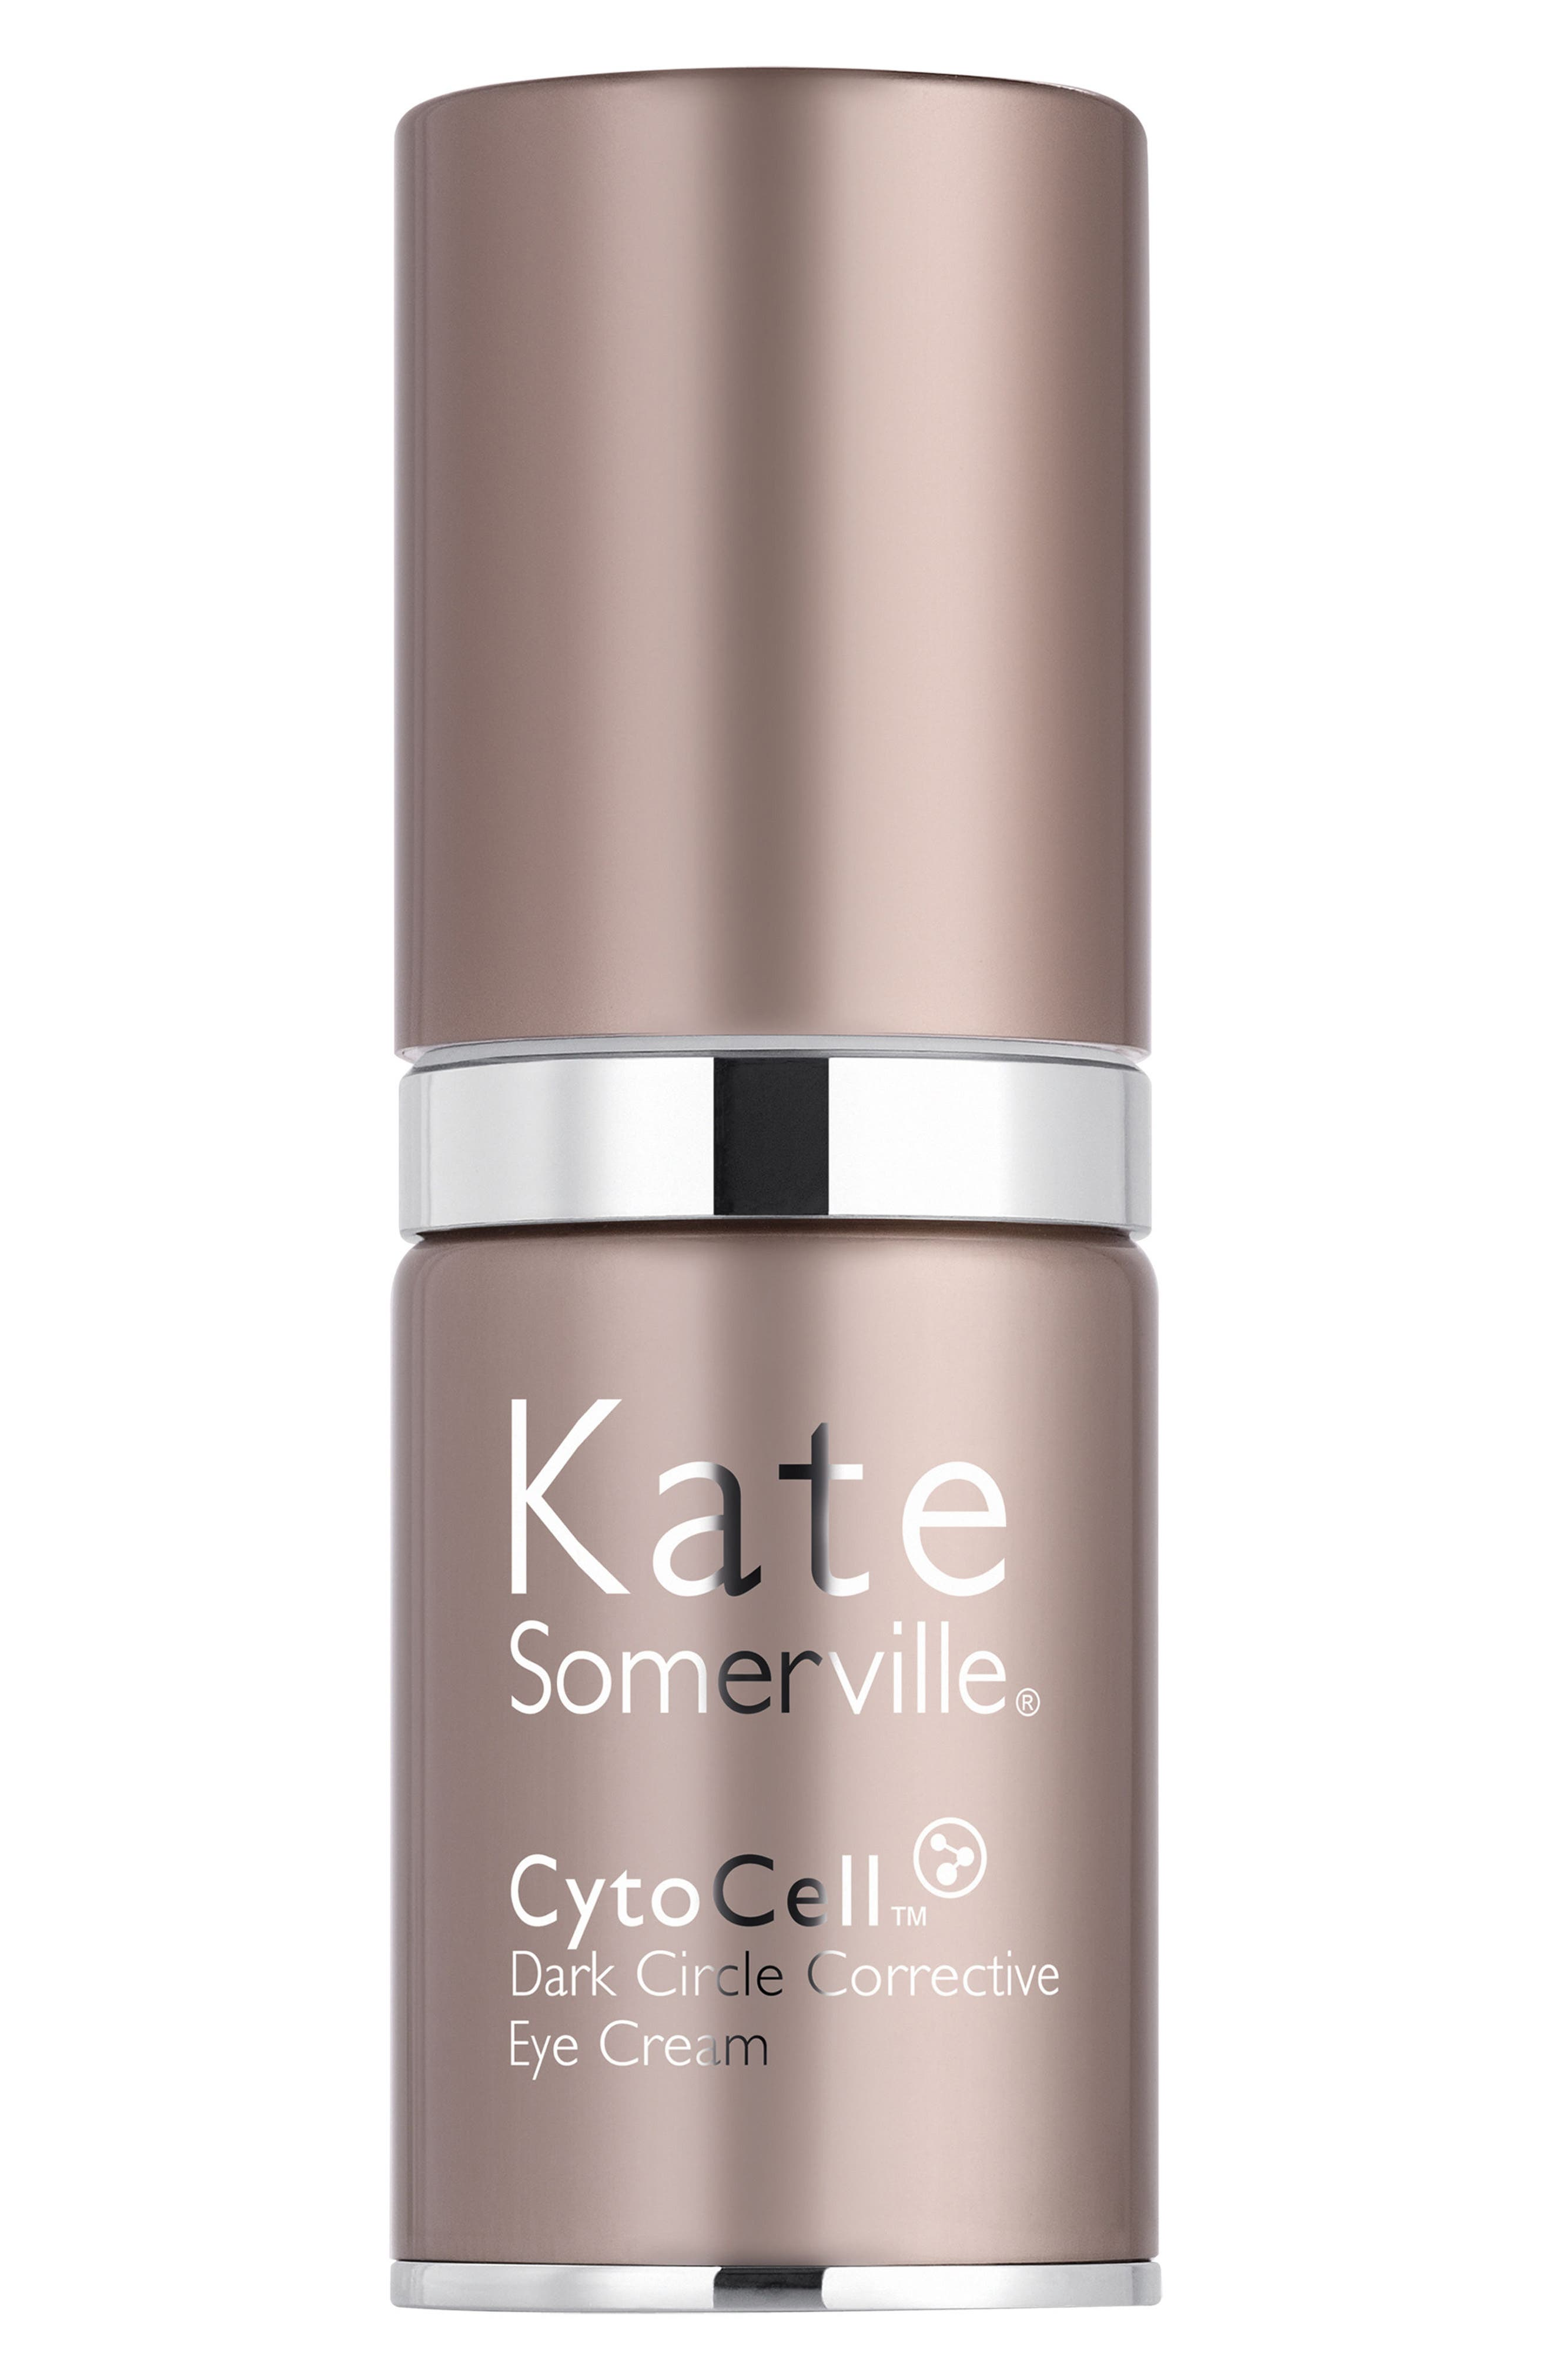 Kate Somerville® 'CytoCell' Dark Circle Corrective Eye Cream